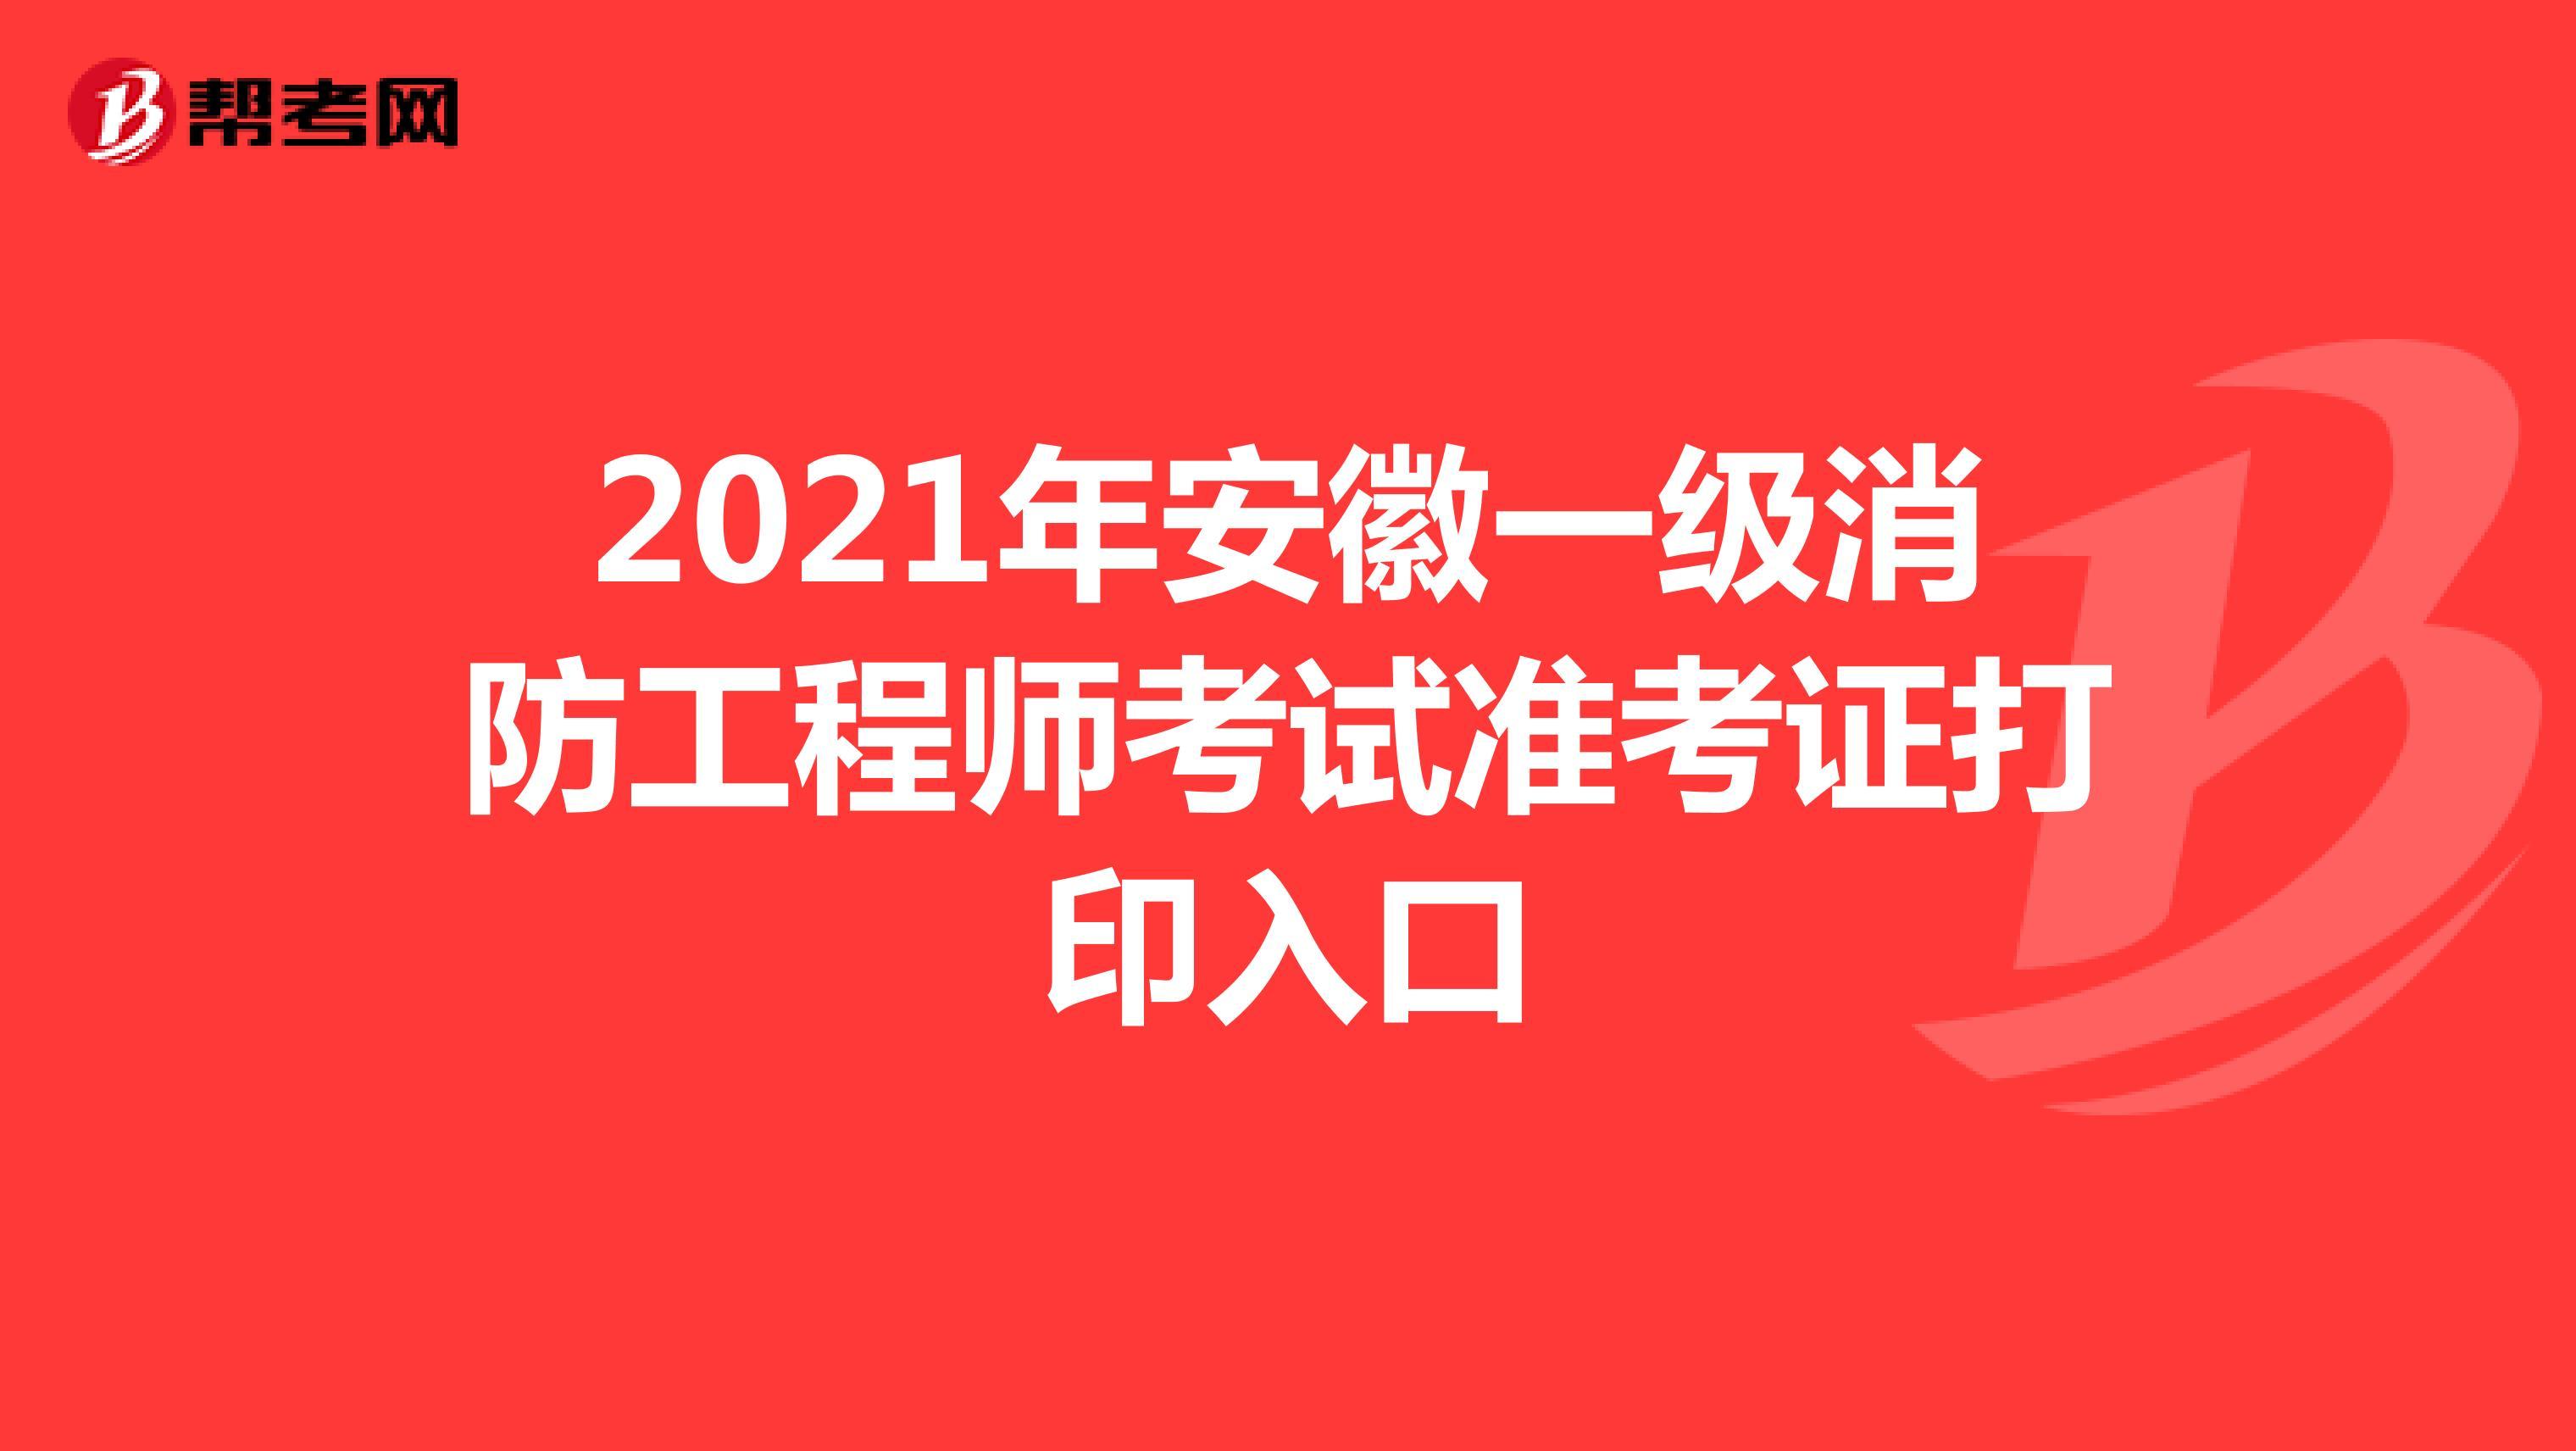 2021年安徽一级消防工程师考试准考证打印入口